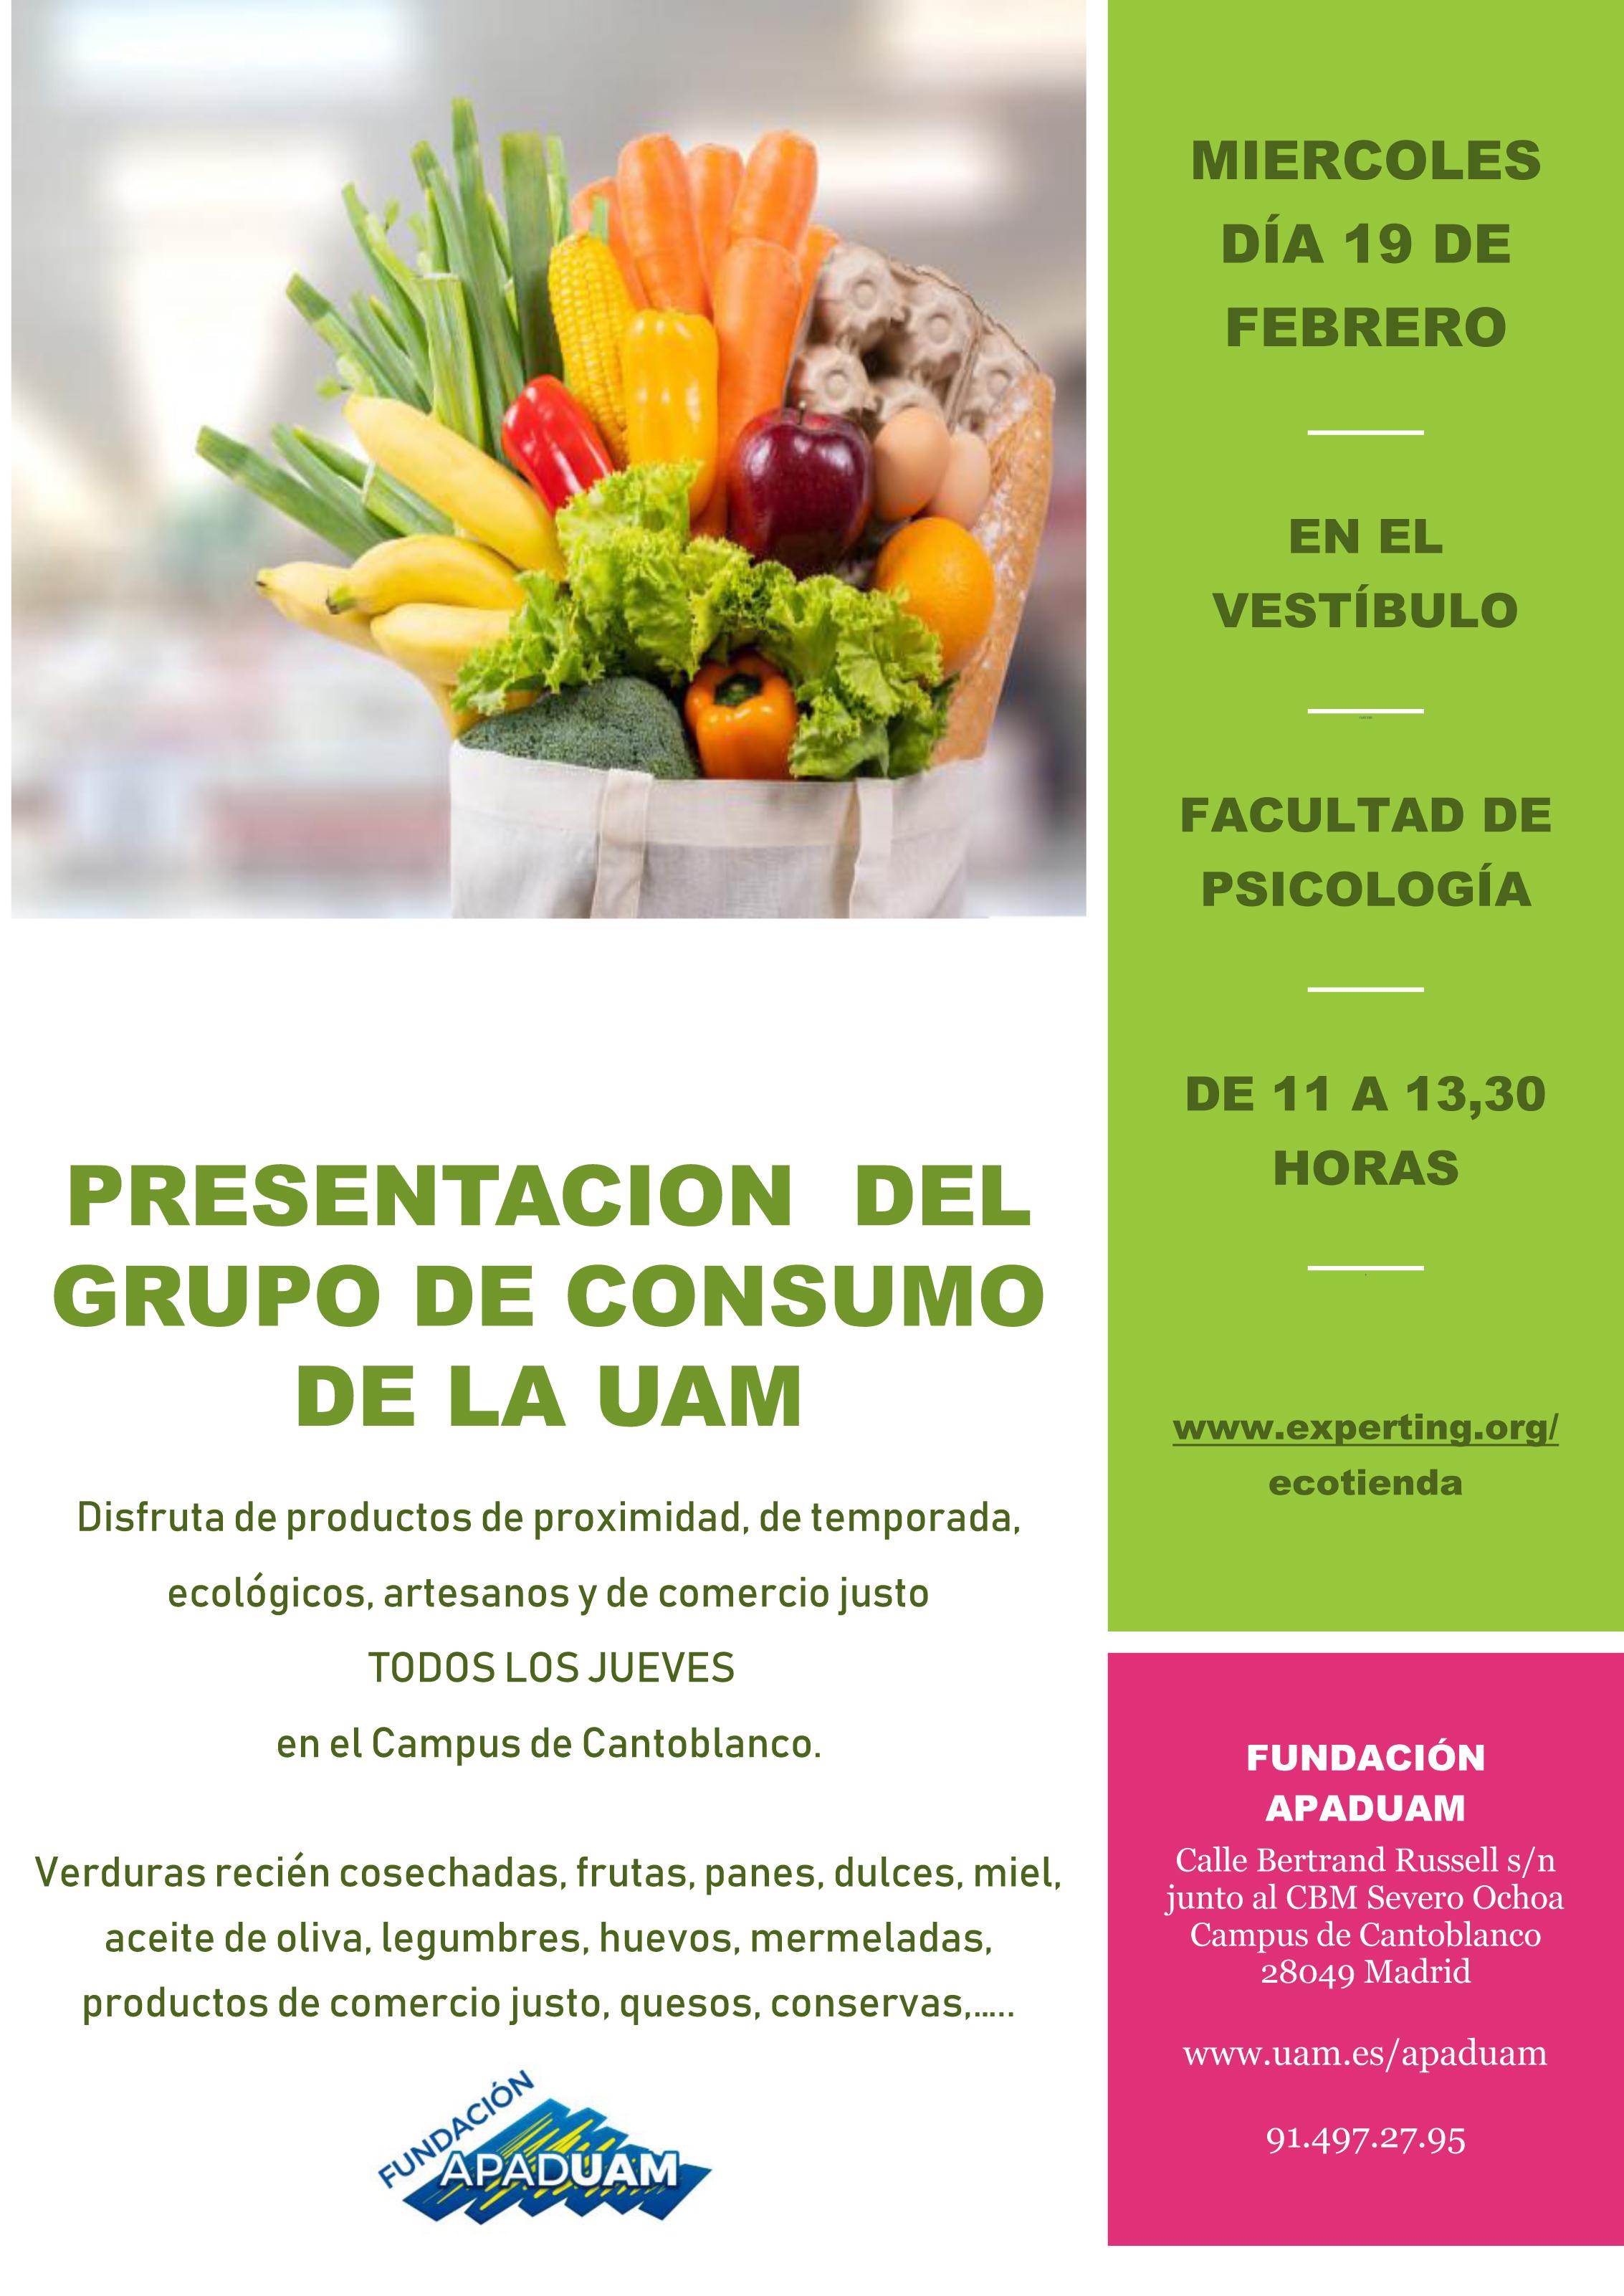 PRESENTACIÓN GRUPO DE CONSUMO PSICOLOGIA 19 Febrero.jpg